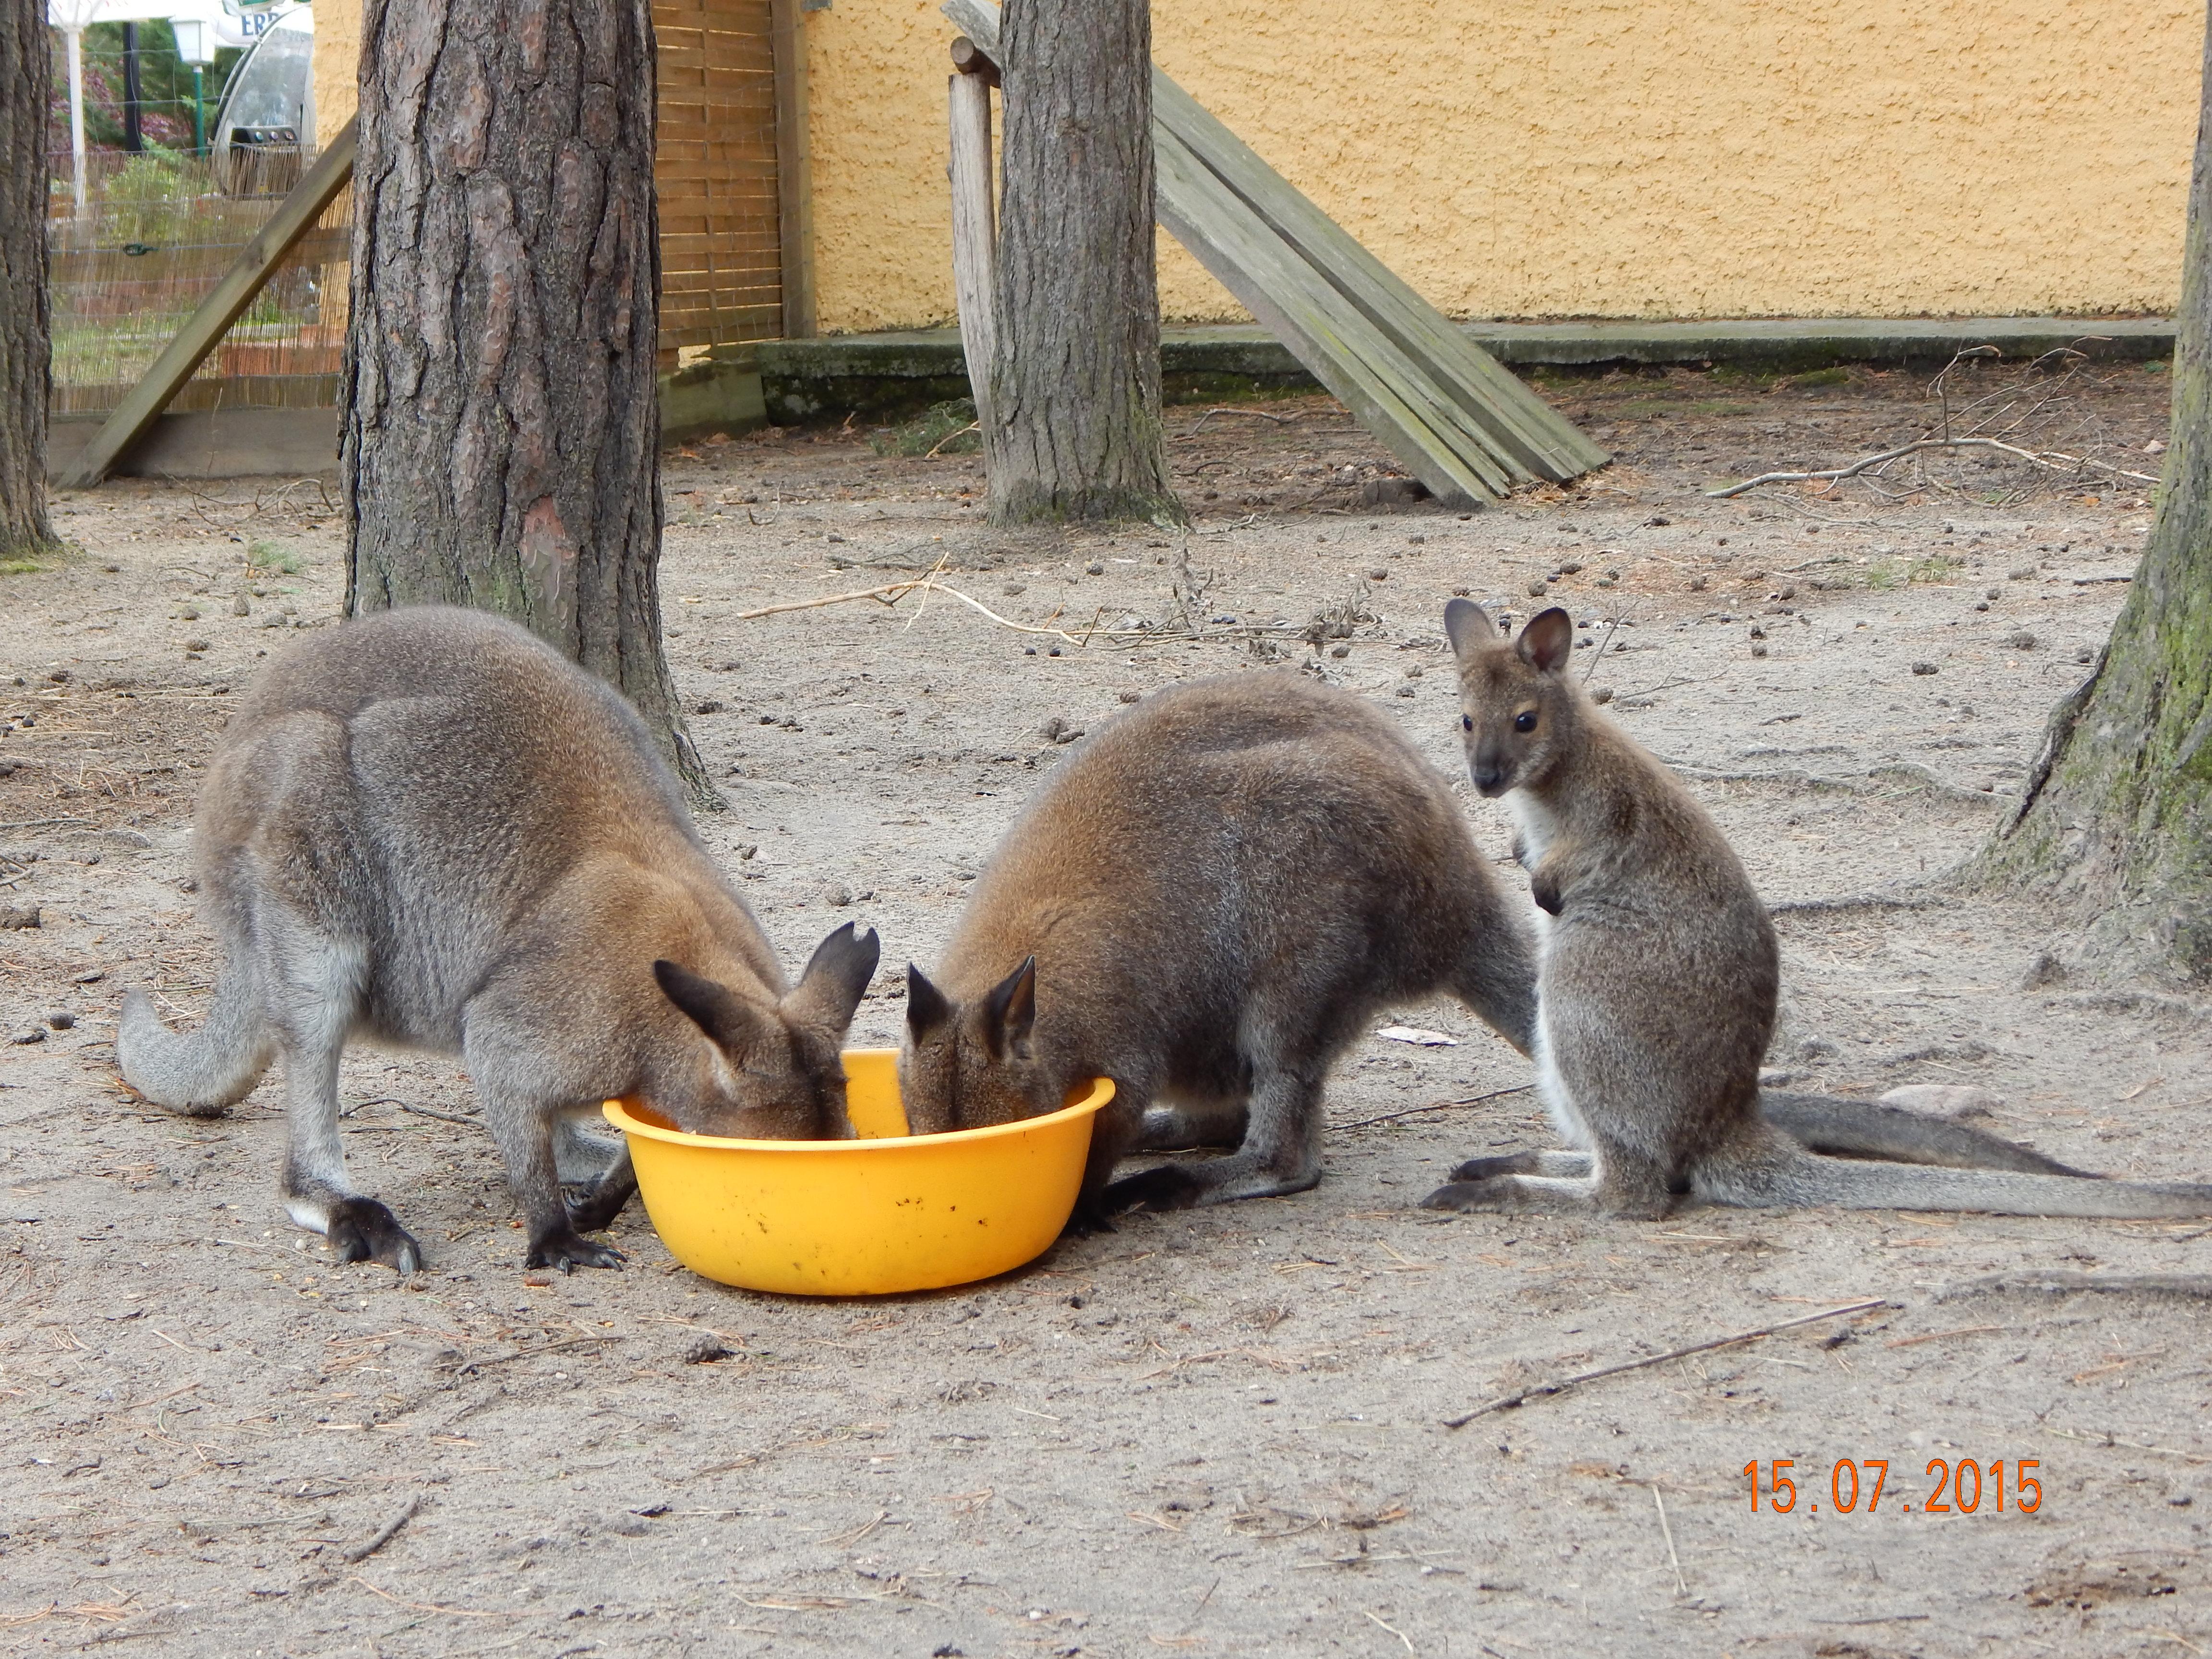 Jack und Jill beim Frühstück. Das Kleine überlegt wohl was das soll ...?!?